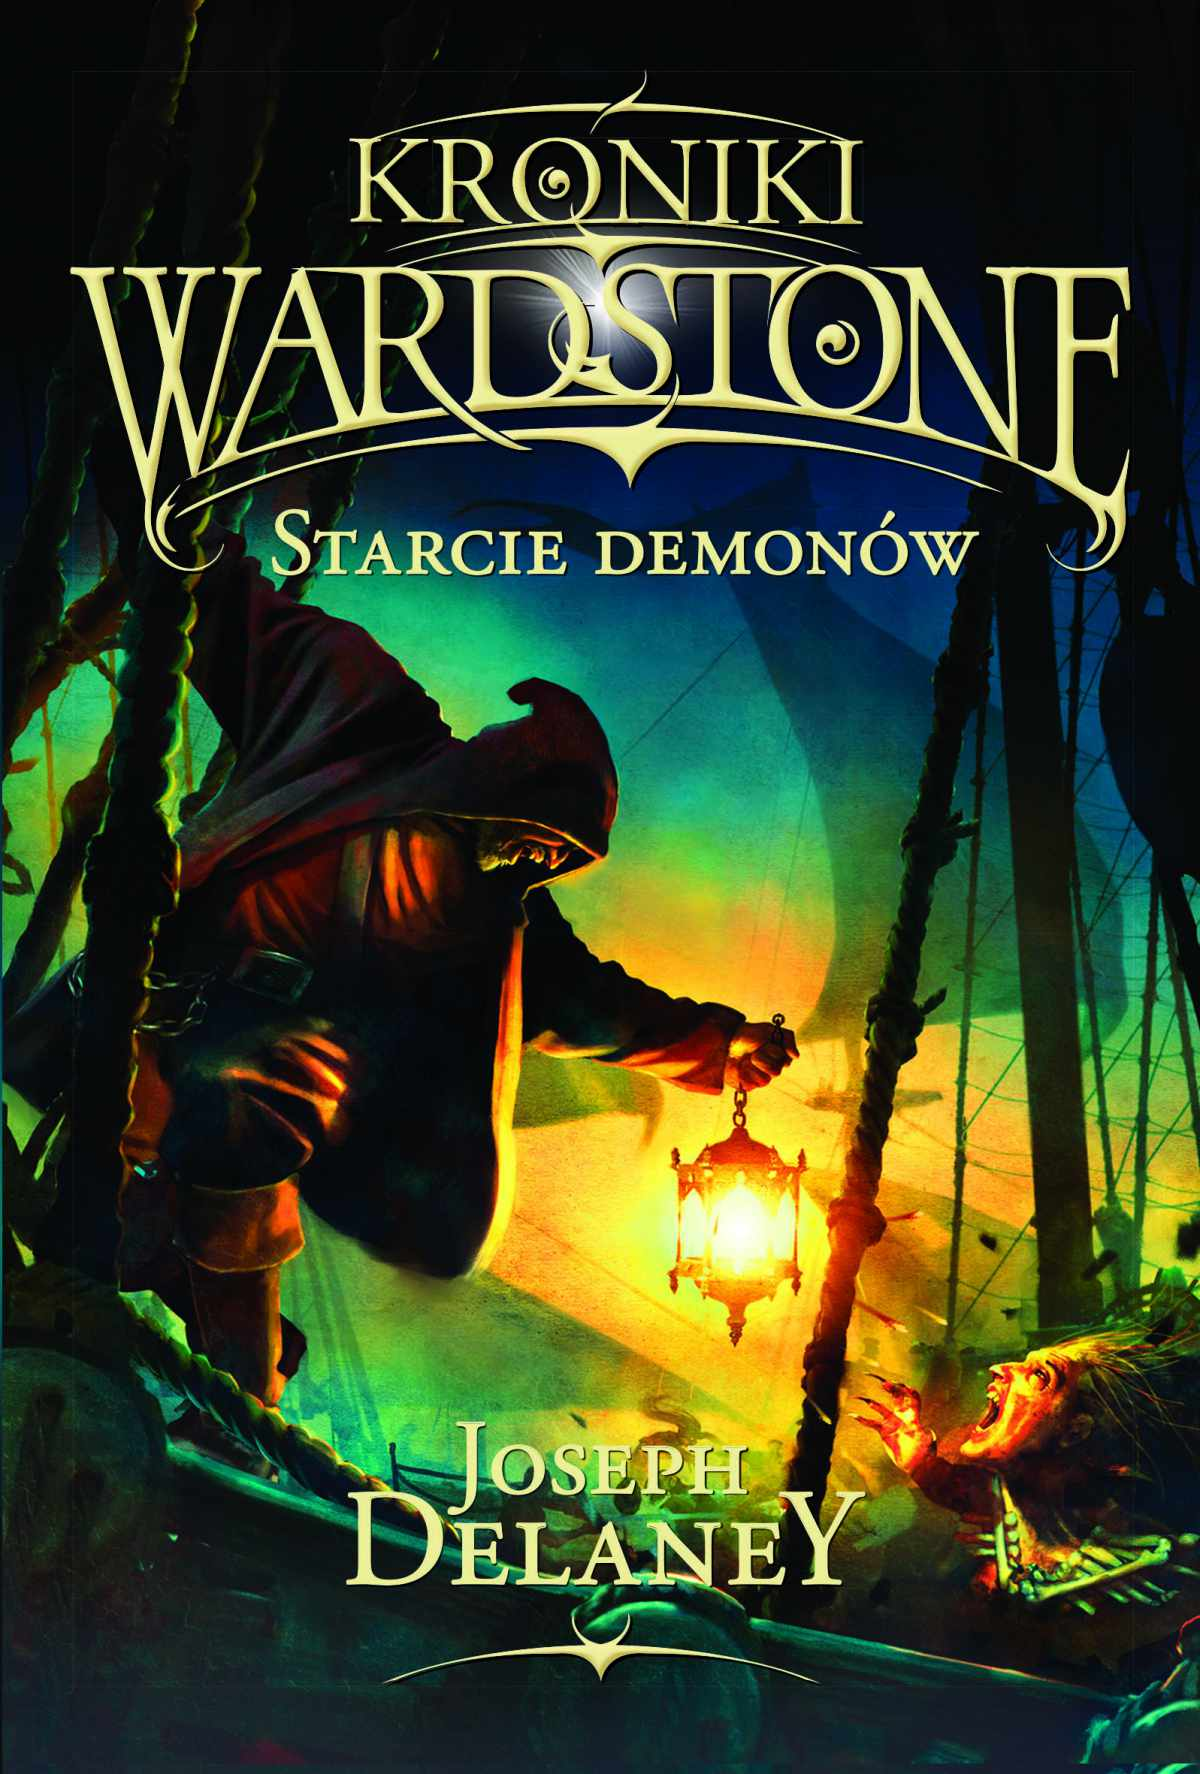 Kroniki Wardstone 6. Starcie demonów